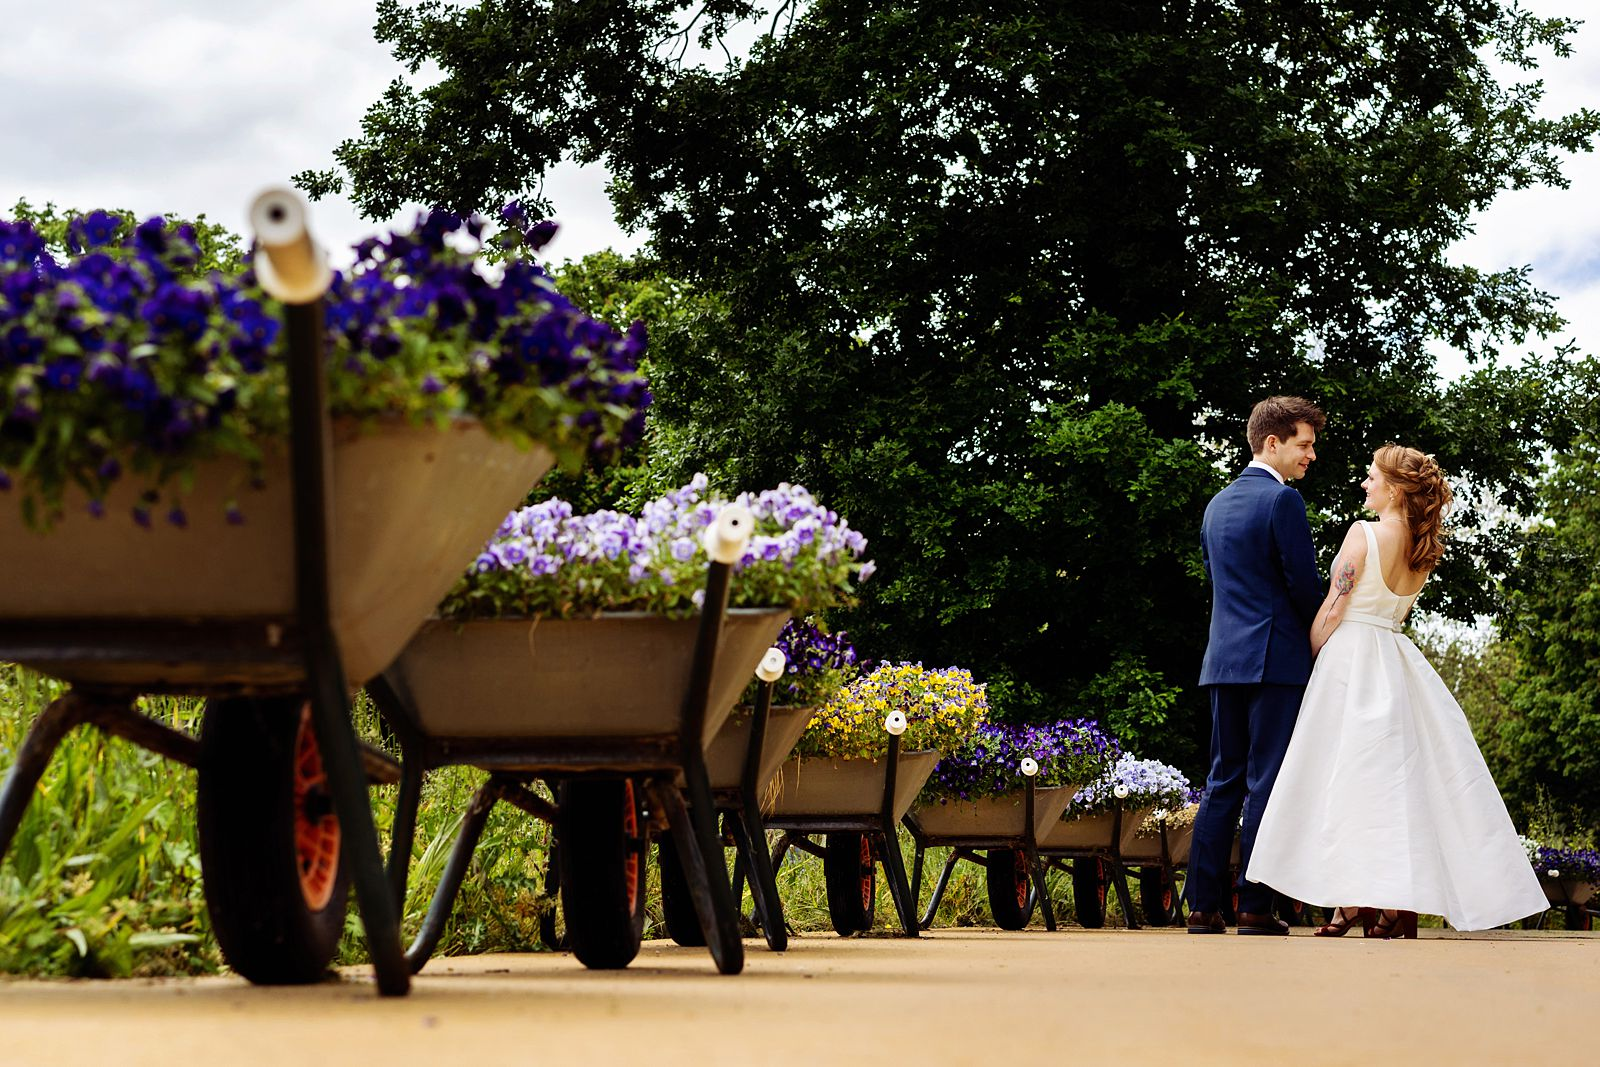 ruudc fotografie, trouwfotograaf leiden, bruidsfotograaf leiden, bruidsfotograaf zuid-holland, trouwen hortus botanicus, hortus botanicus leiden, trouwen in leiden, trouwen in zuid-holland, fotograaf Leiden, bruiloft hortus botanicus, Fotograaf bruiloft, fotograaf huwelijk